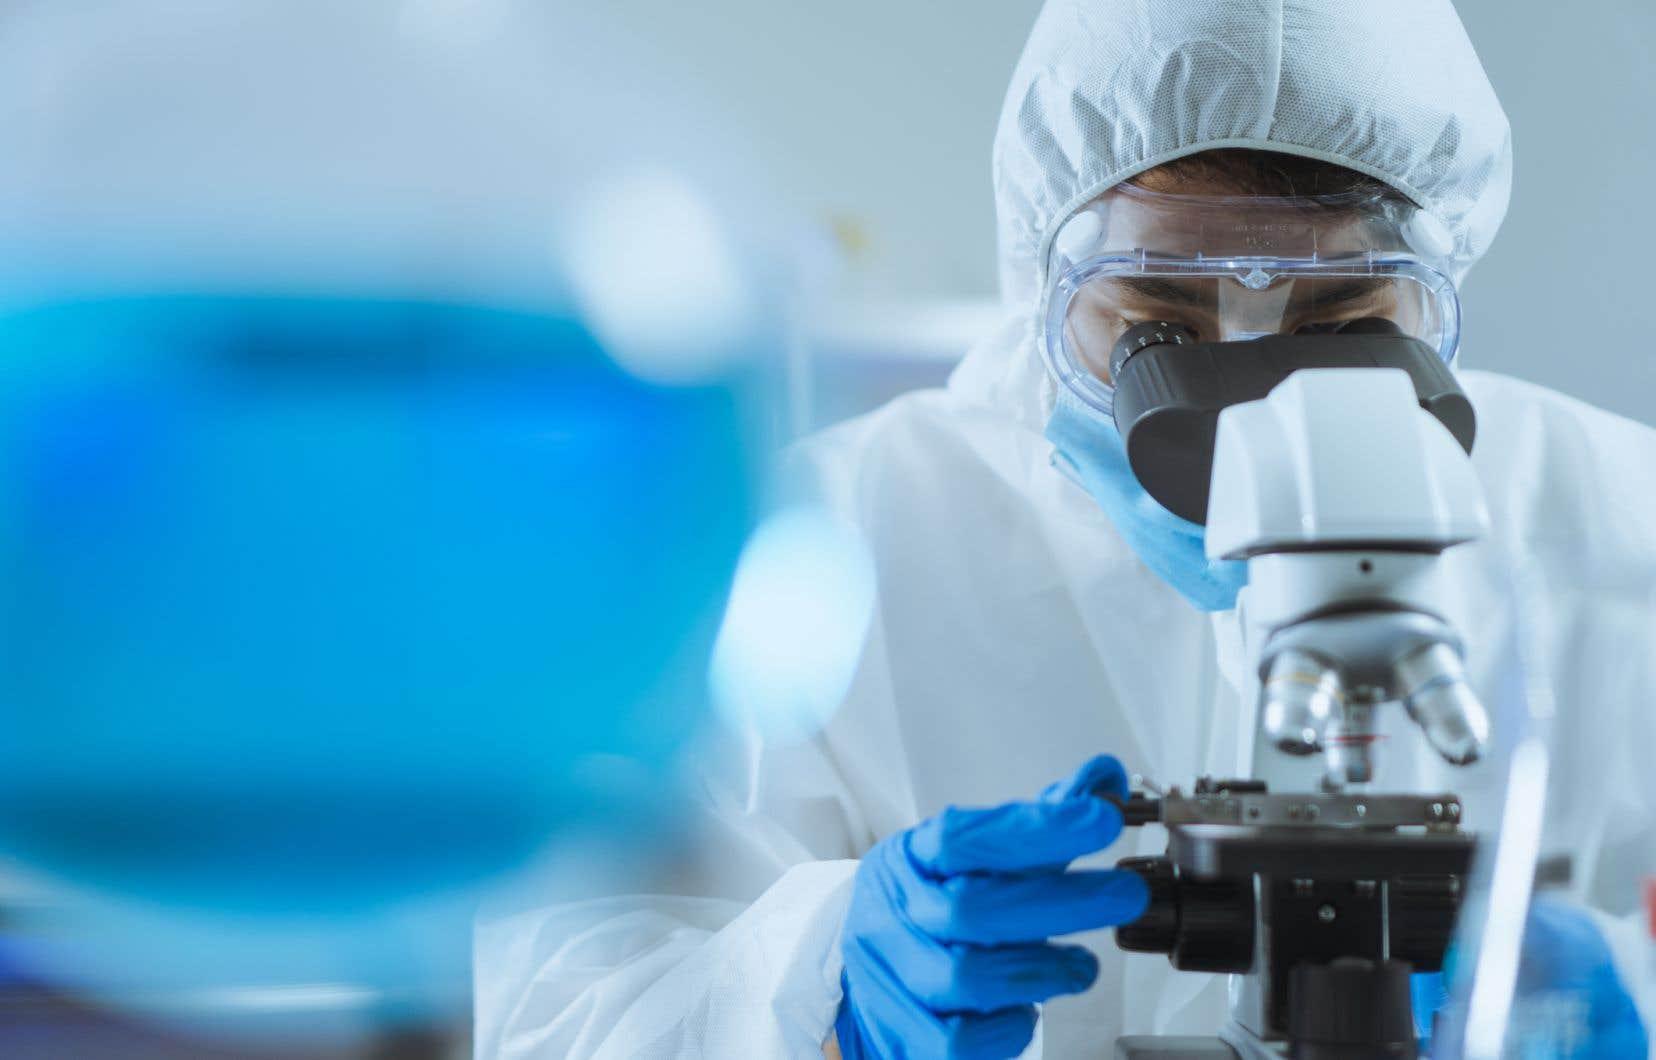 Plusieurs États ont compris l'importance stratégique de la science. De la Chine au Lesotho, chacune de ses ambassades a son conseiller scientifique, au même titre que l'attaché militaire.